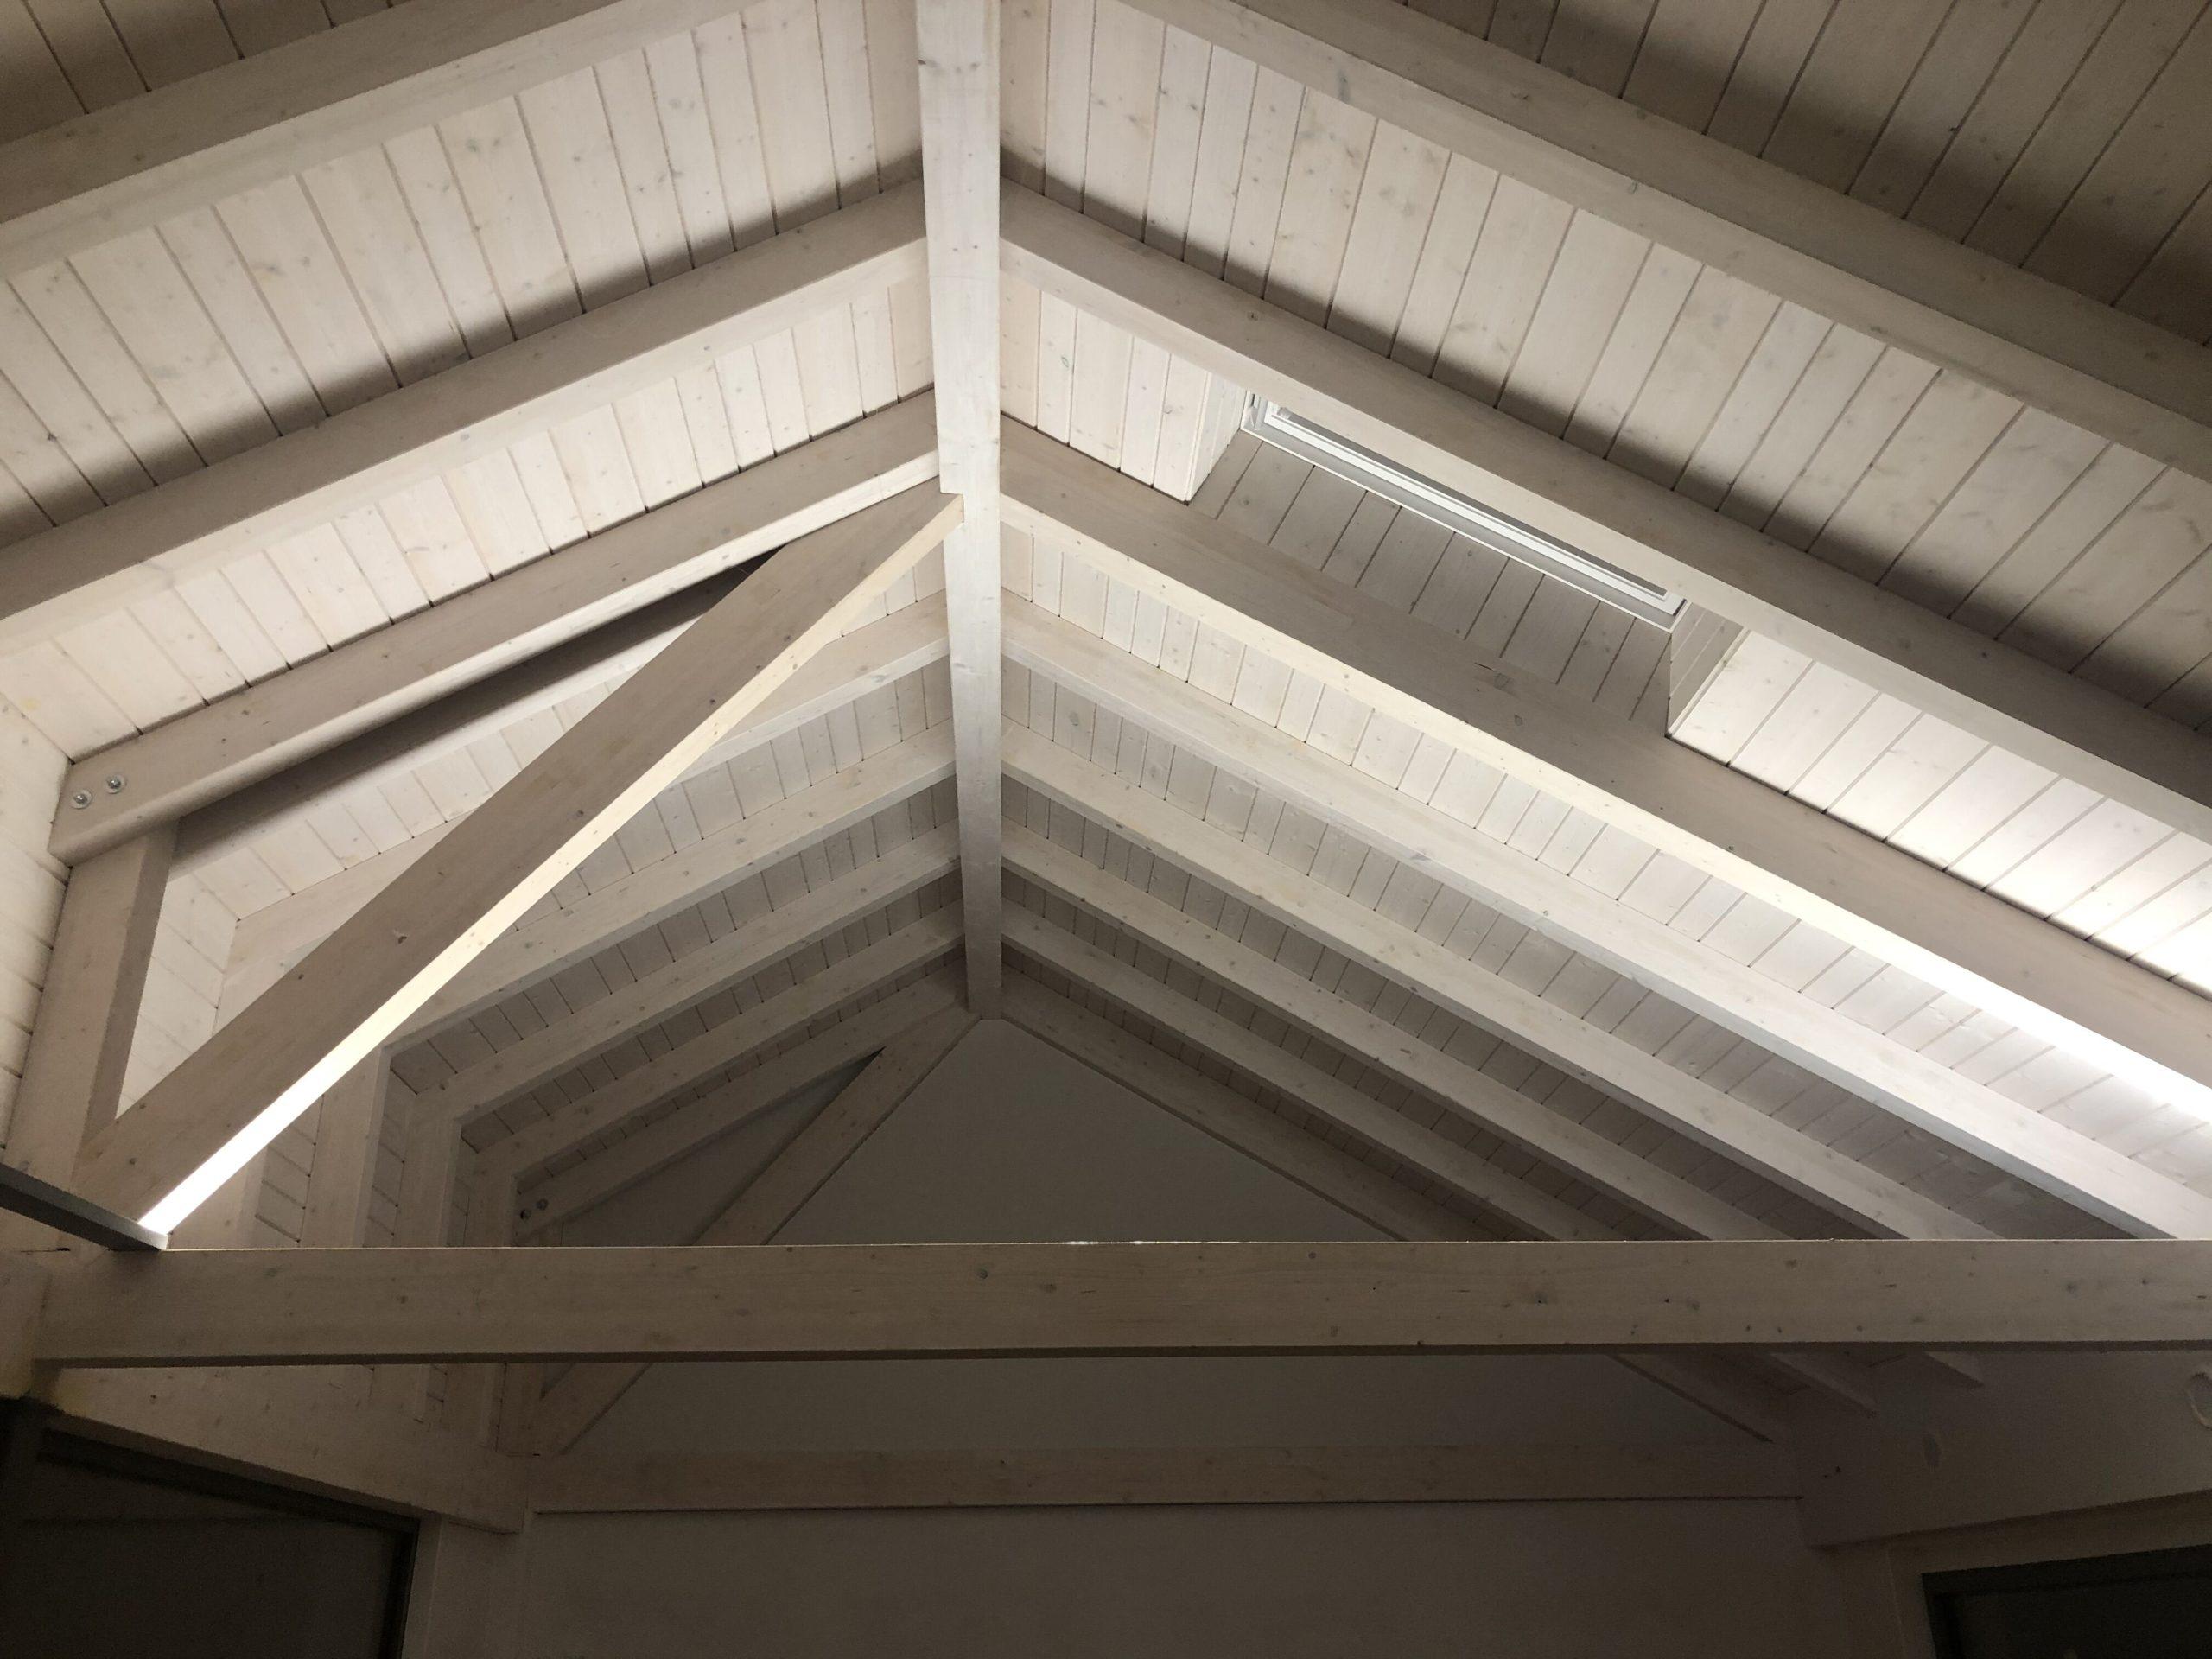 interior cubierta_2